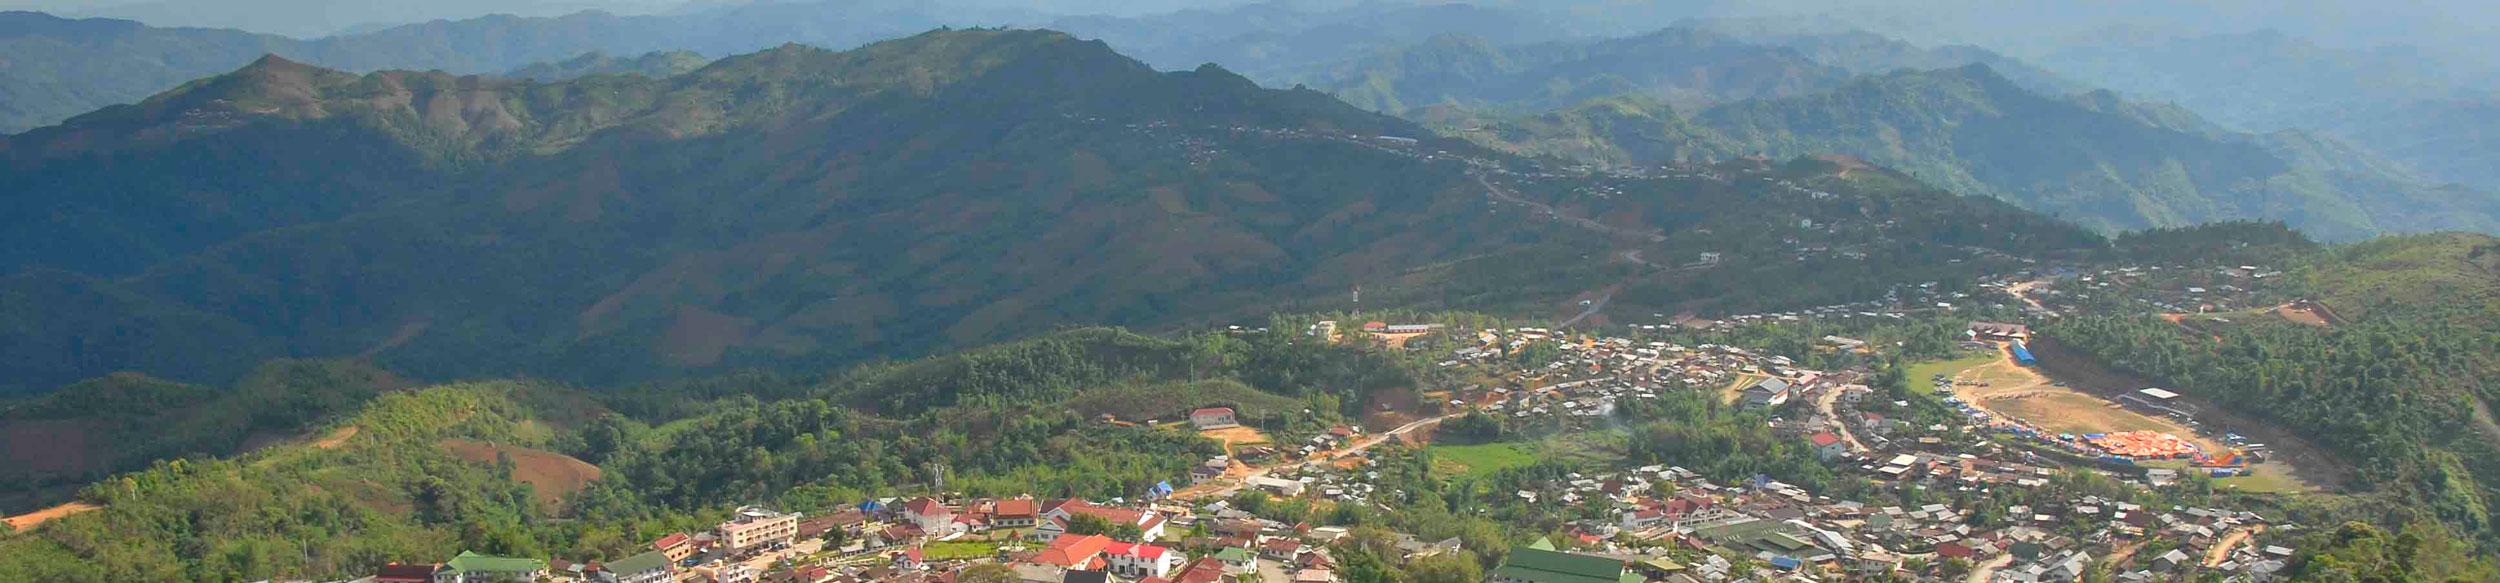 Panorama sur la ville de Phongsaly